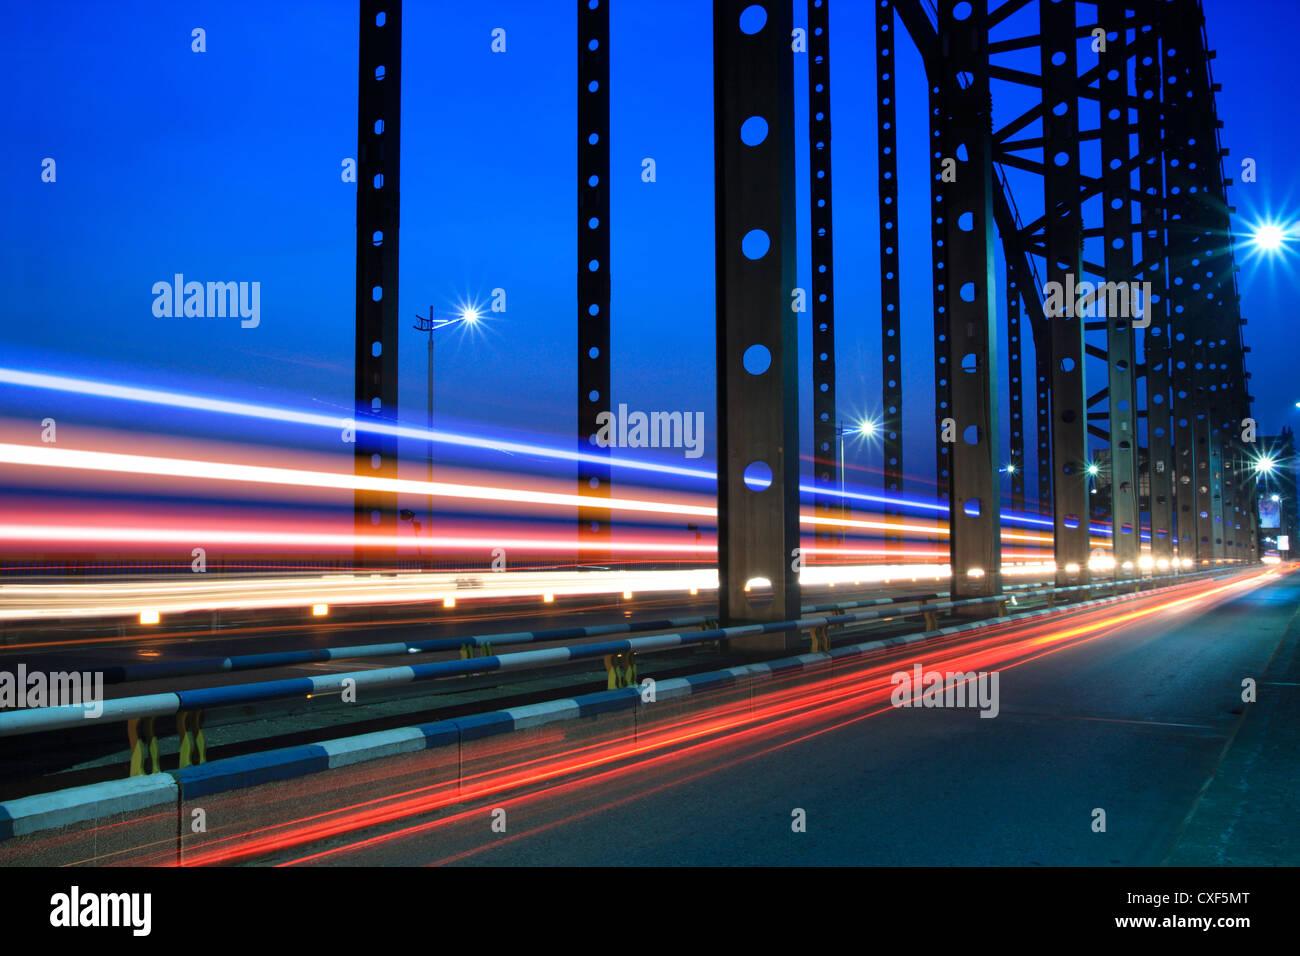 Des sentiers de lumière sur le pont en acier Banque D'Images